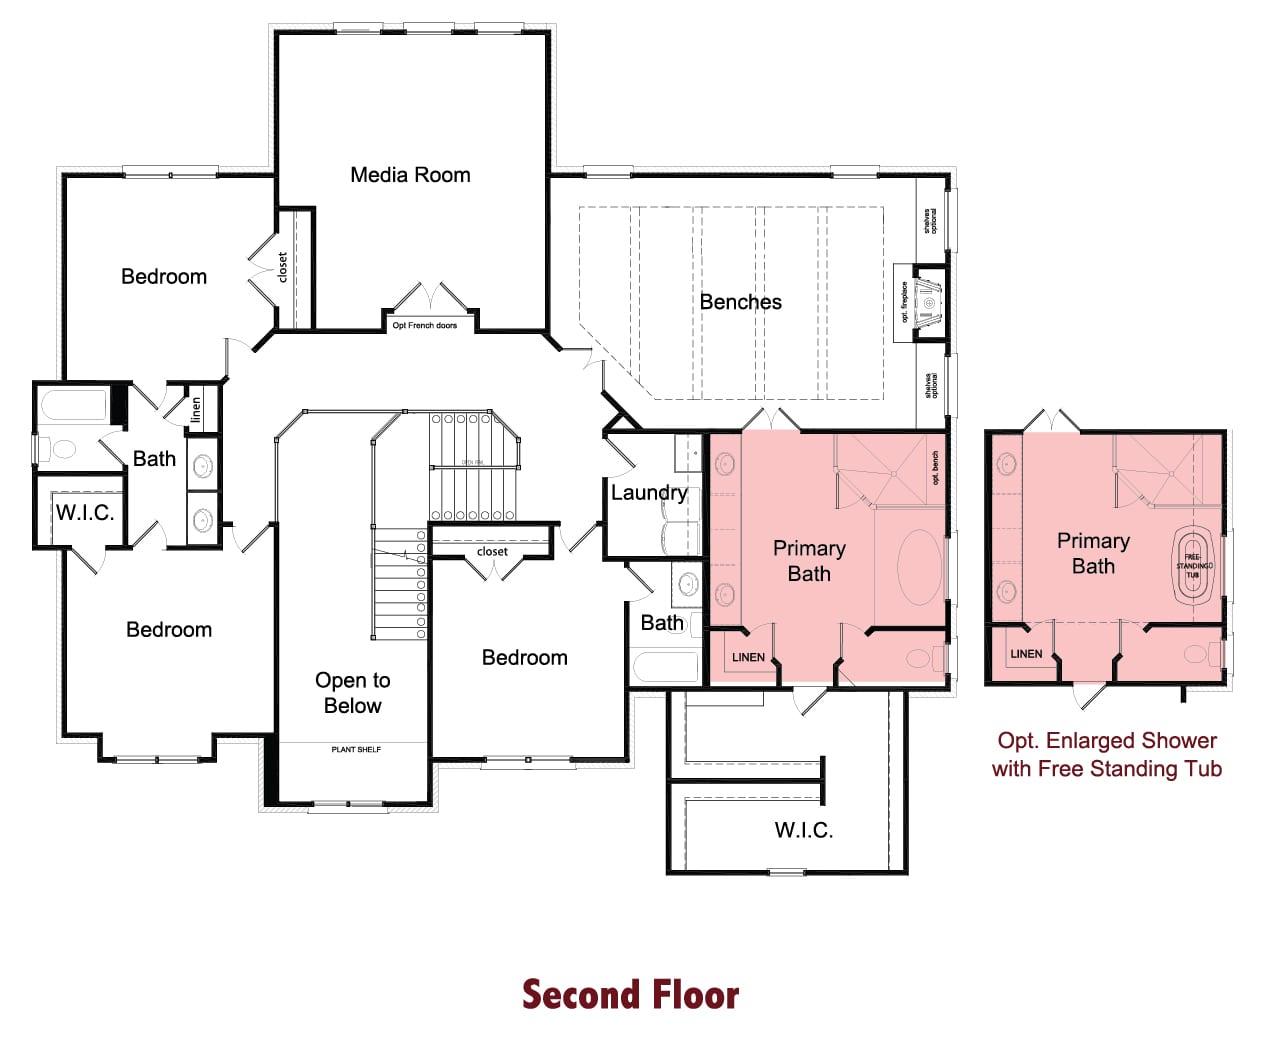 Norwich plans Image